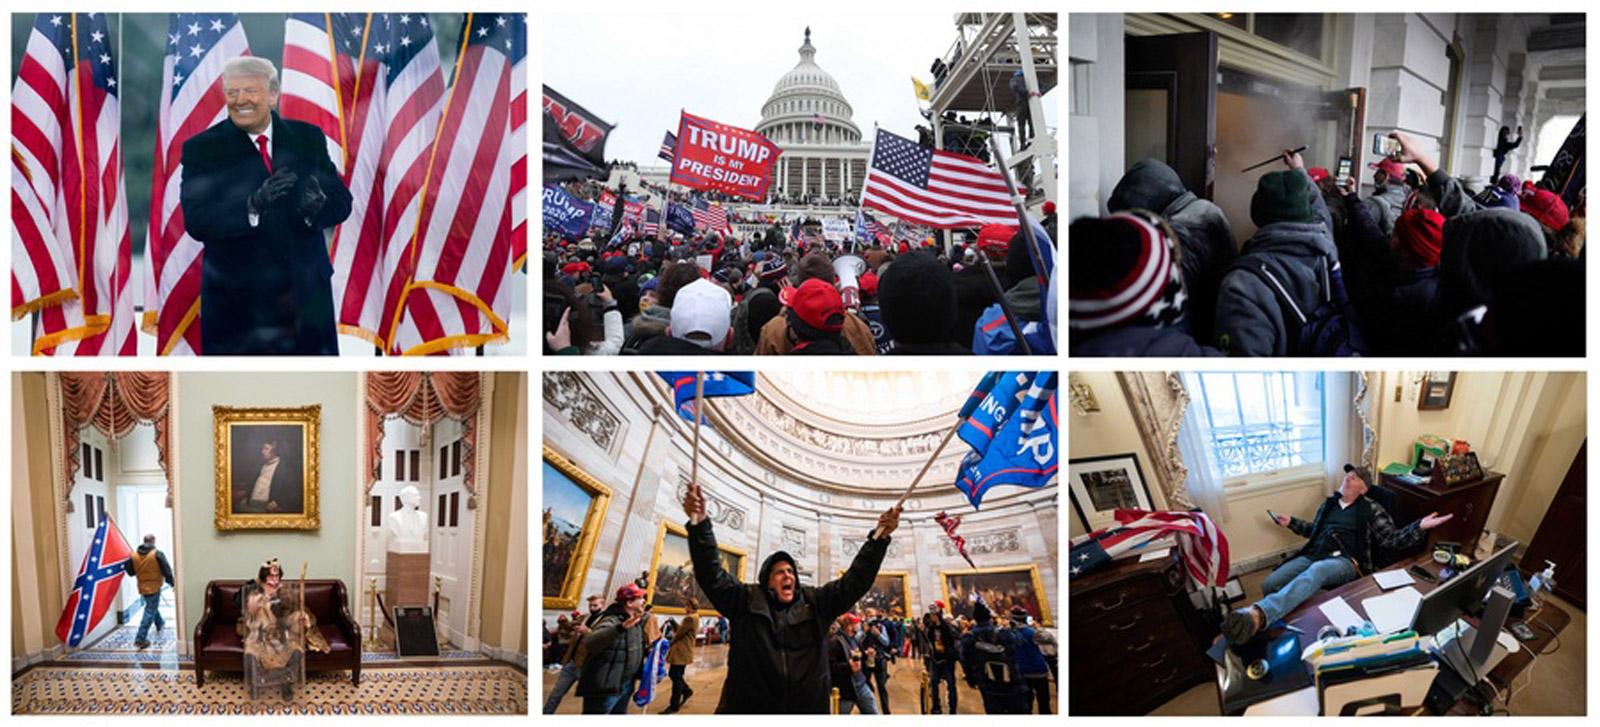 Καπιτώλιο: Η στιγμή της εισβολής και οι  εικόνες που λάβωσαν την δημοκρατία (video)